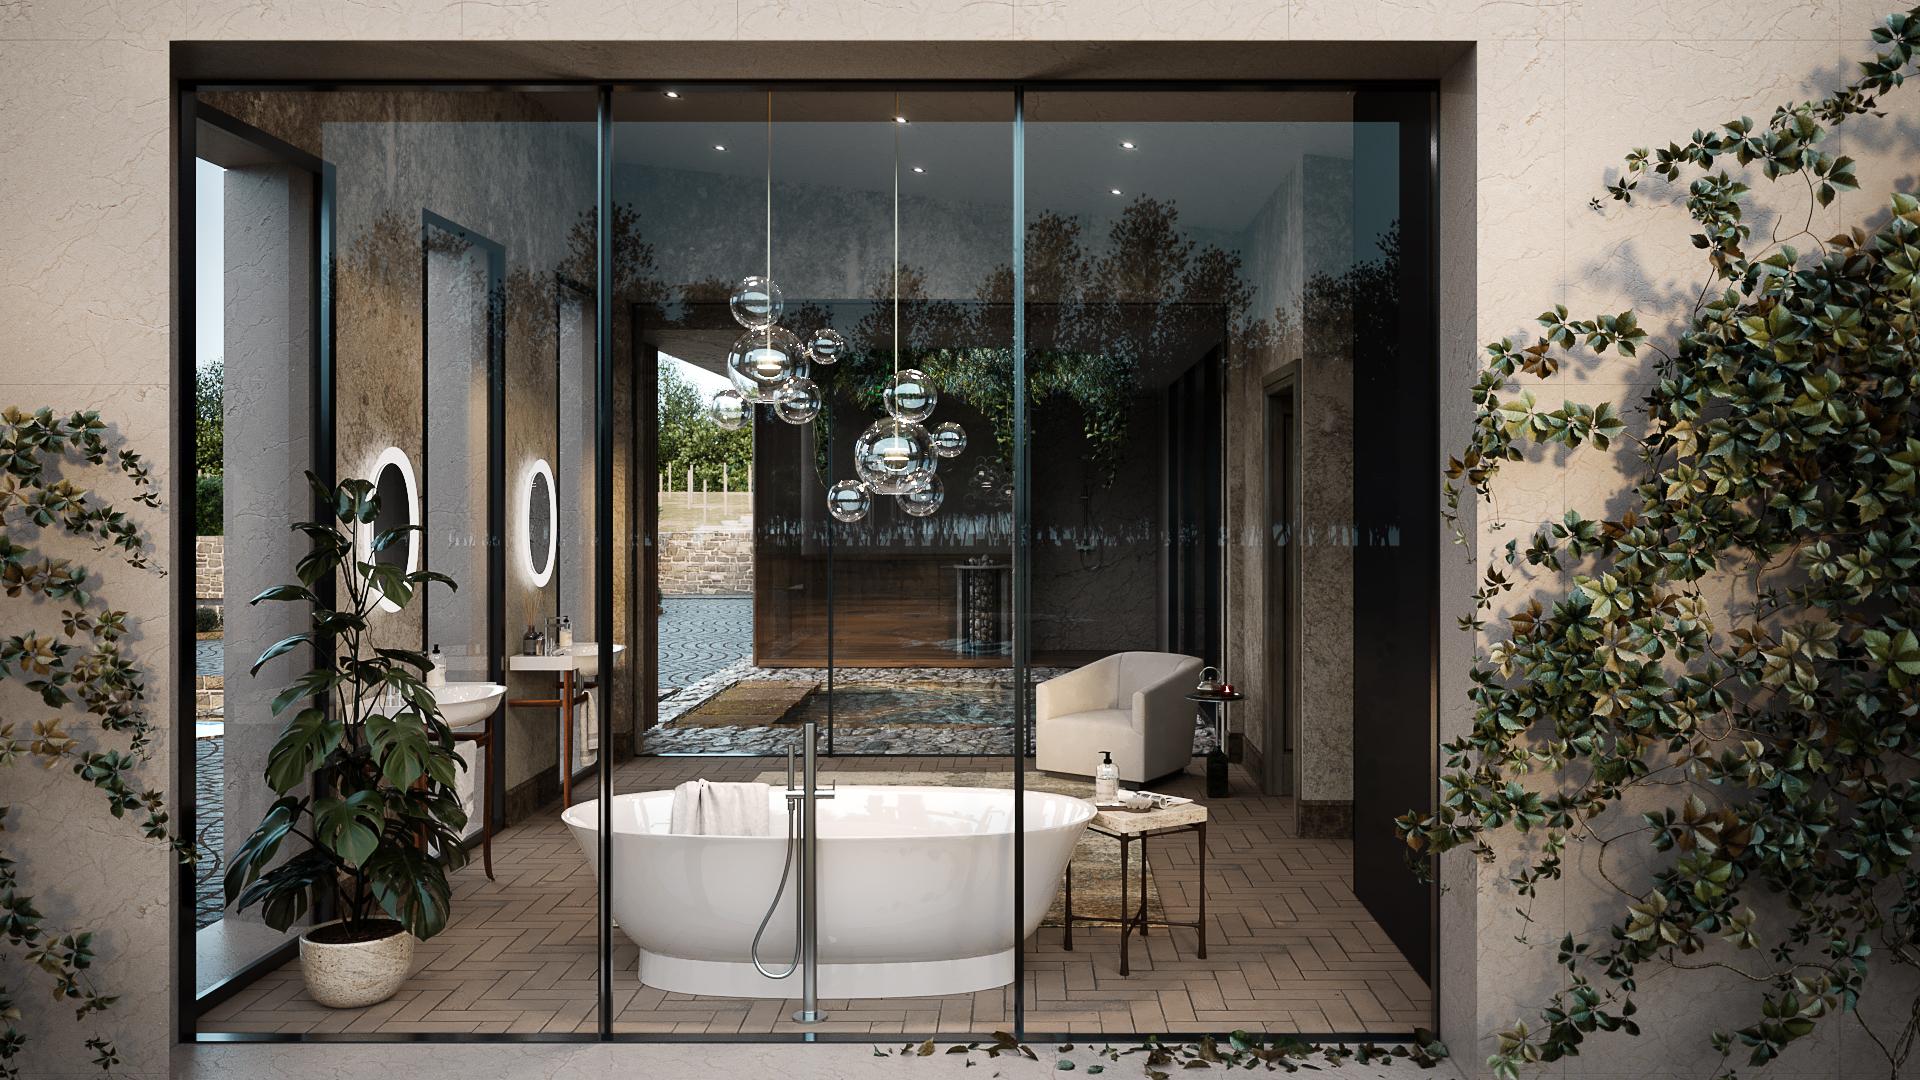 A CG Render Showing a Stylish Bathroom Design